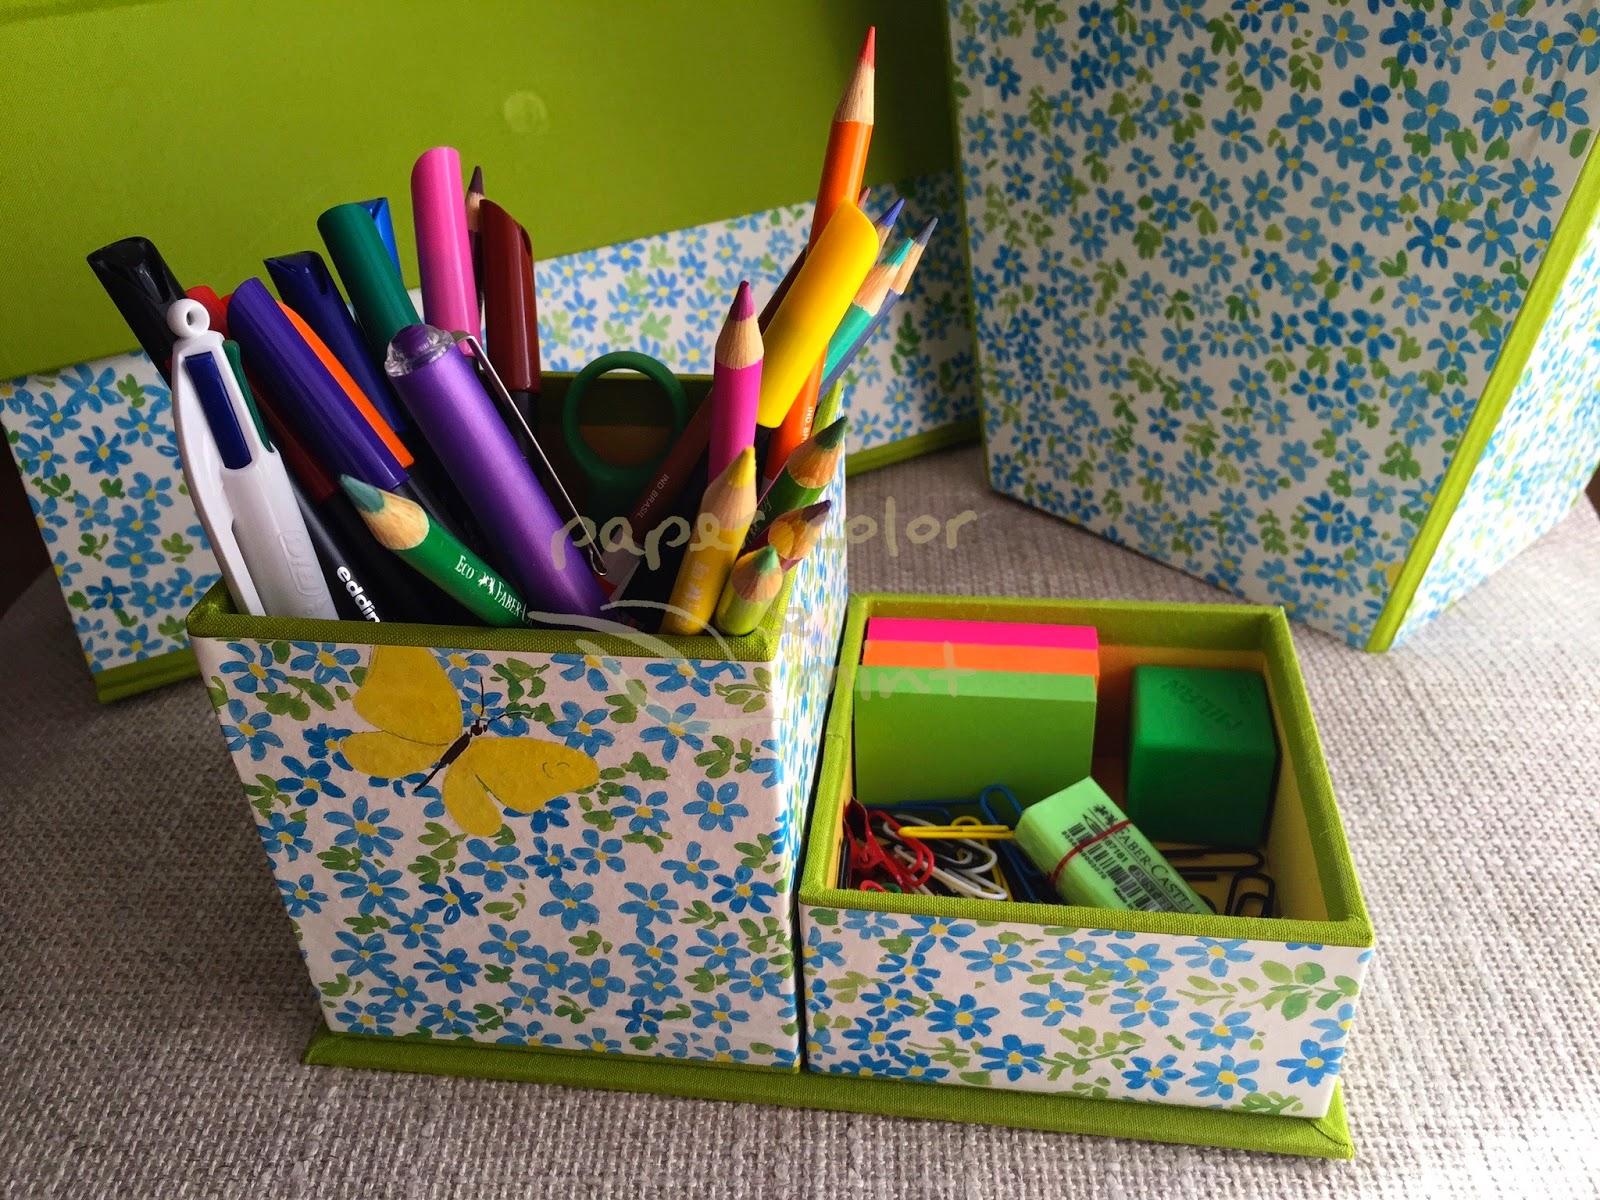 Paper color and mint juego de escritorio cartonnage - Juego de escritorio ...